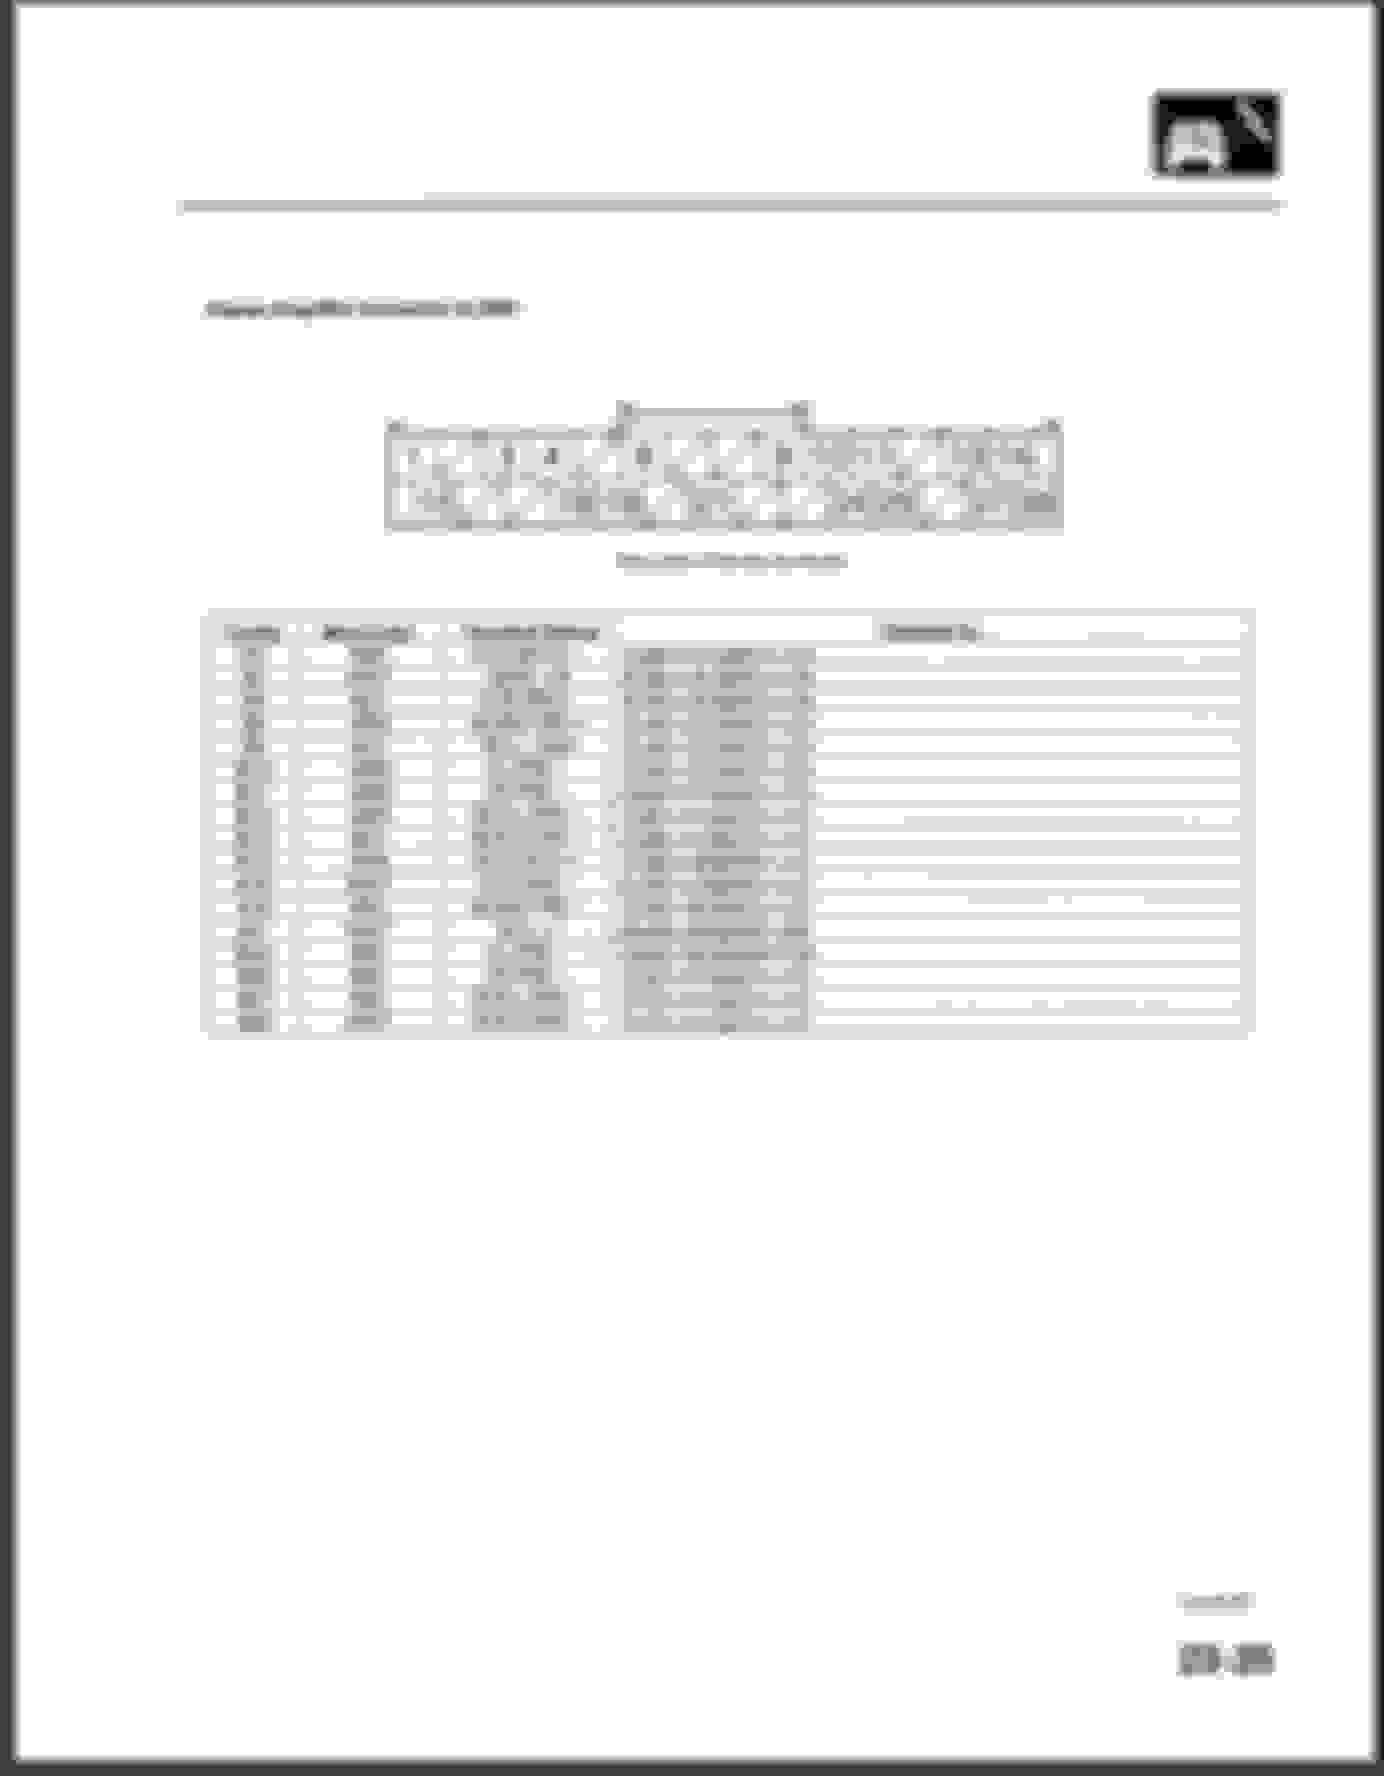 roger vivi ersaks: 2008 Acura Tl Wiring Diagram